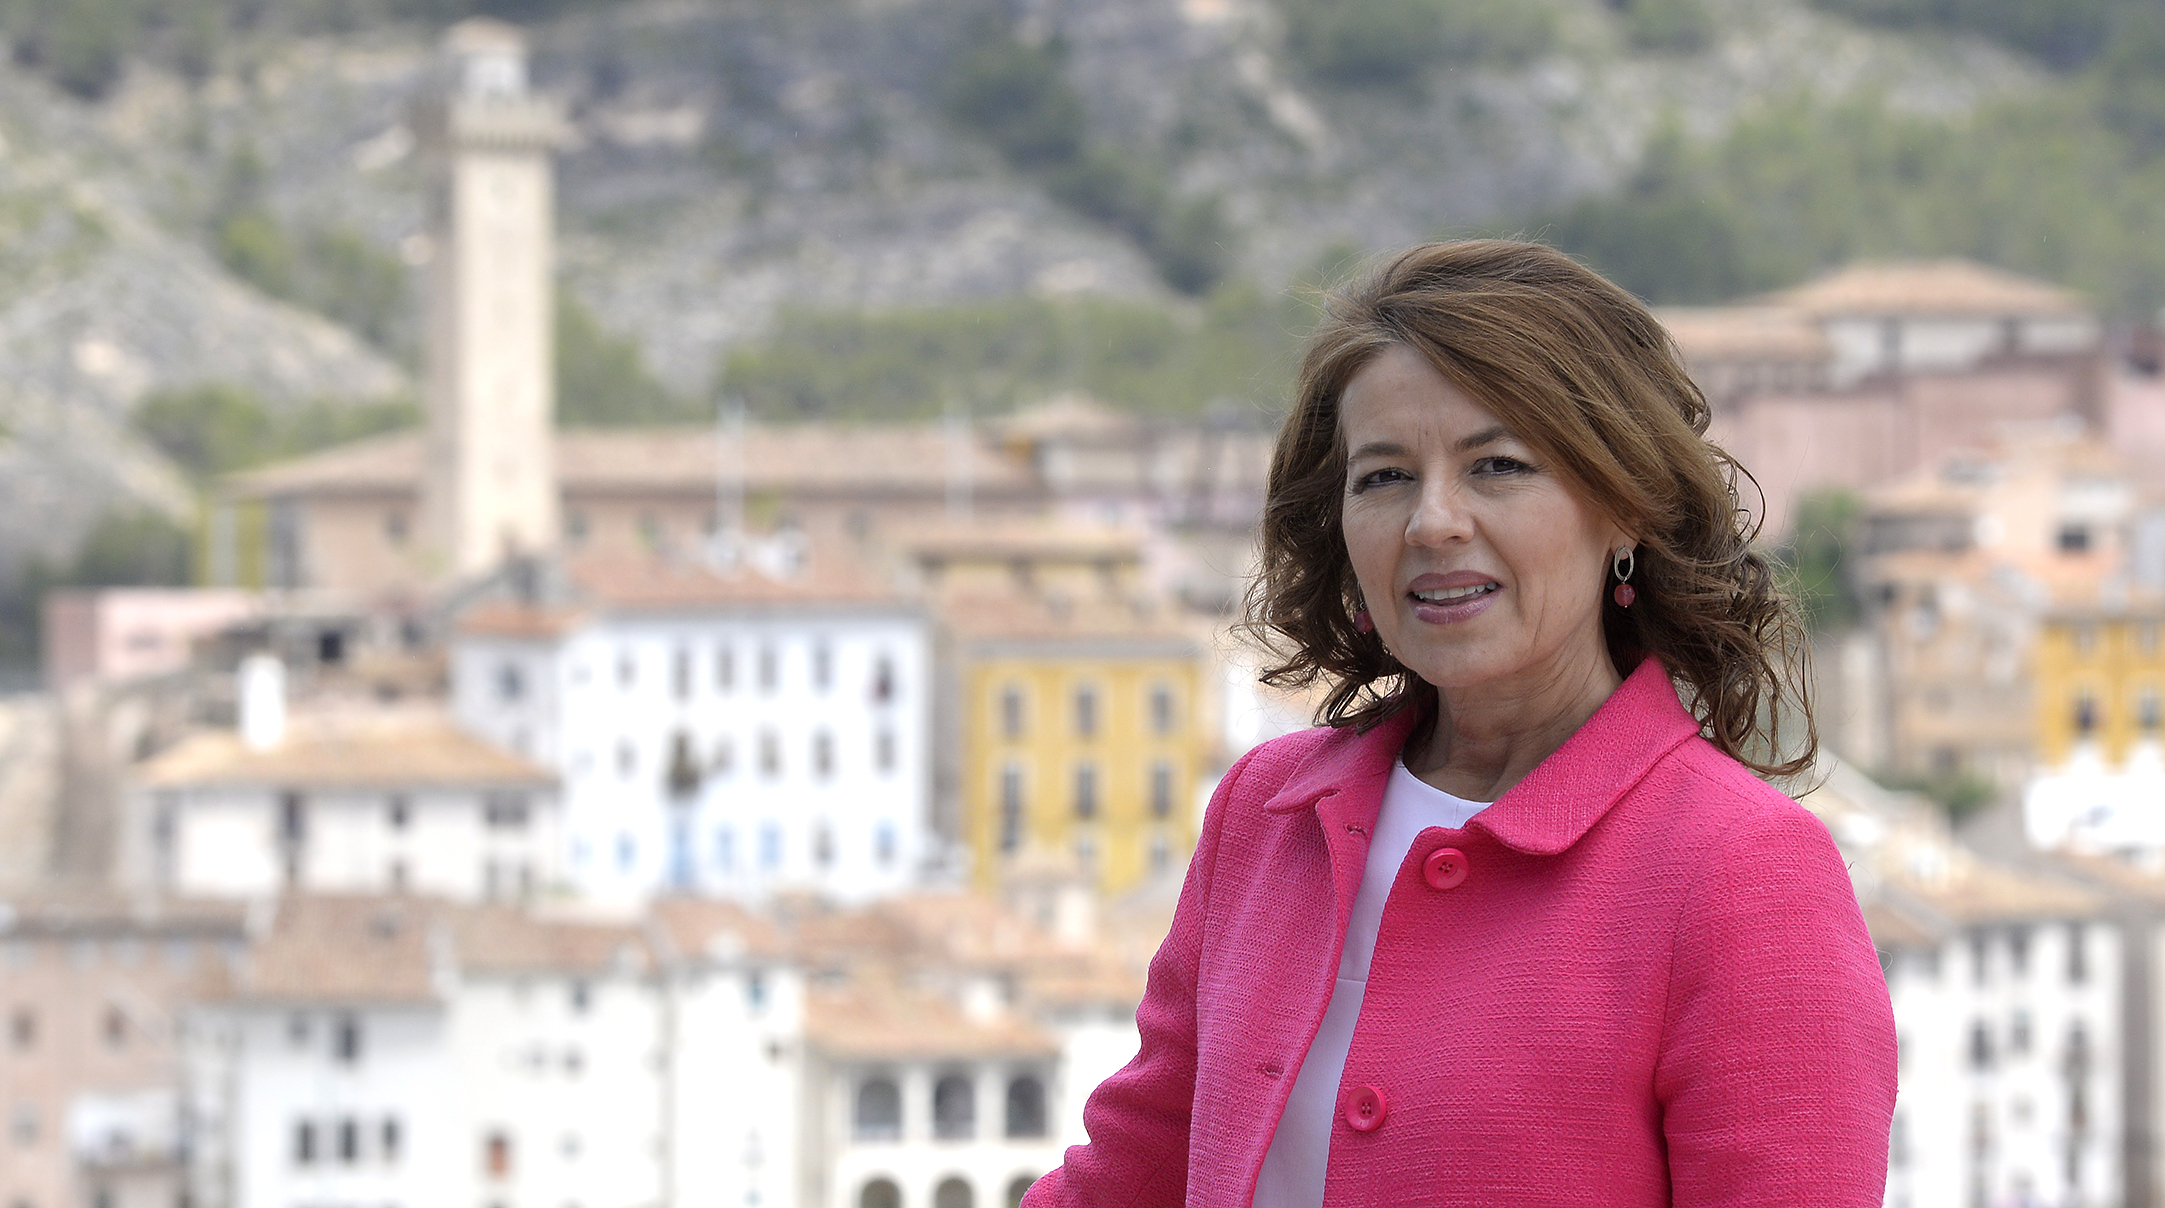 Artículo de Opinión de la consejera de Bienestar Social en funciones, Aurelia Sánchez, con motivo de la celebración, mañana, del Día Nacional de las Lenguas de Signos Españolas